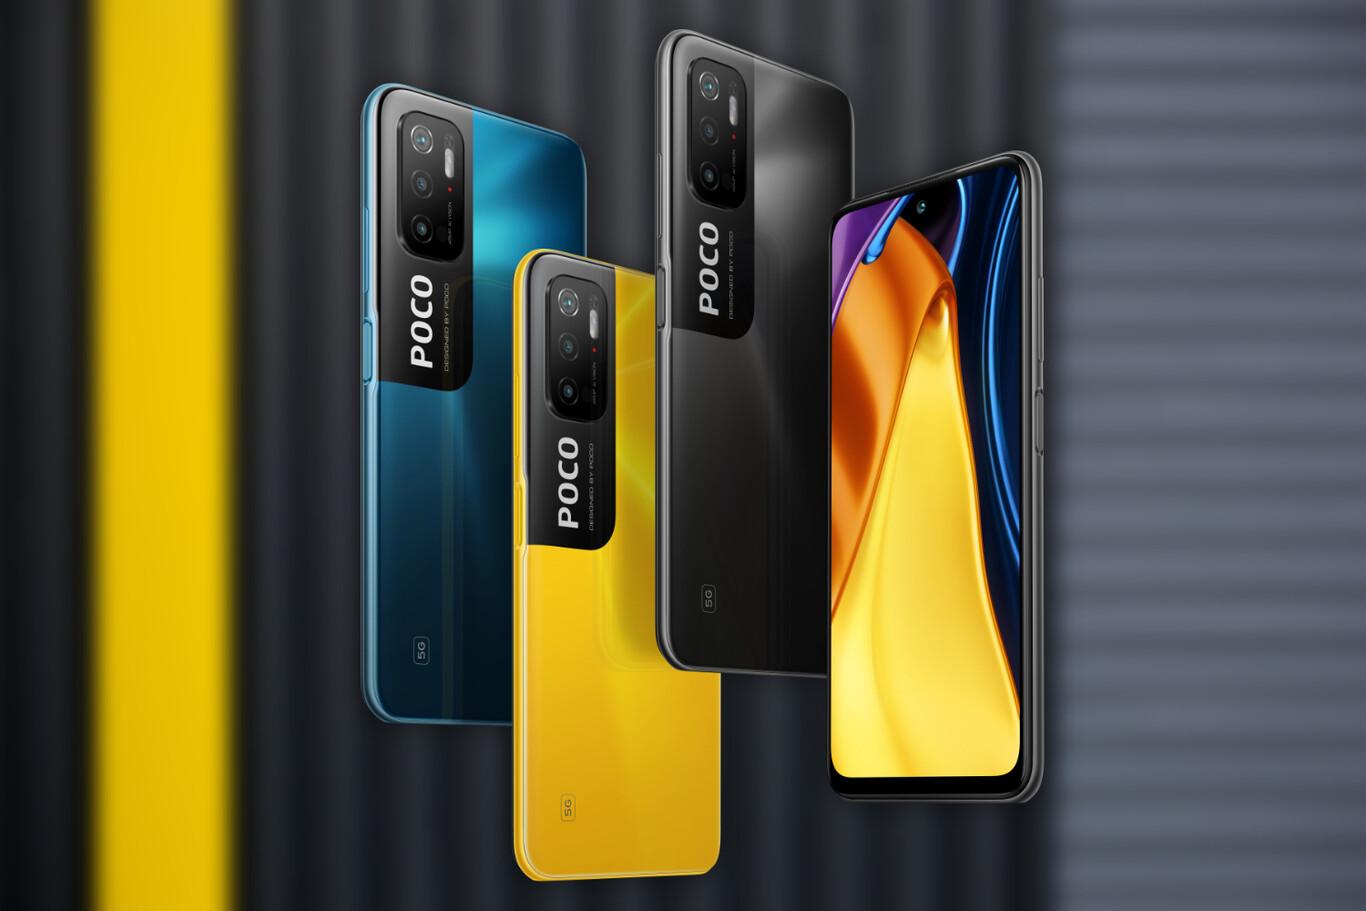 Nuevo Xiaomi POCO M3 Pro 5G: características, precio y ficha técnica